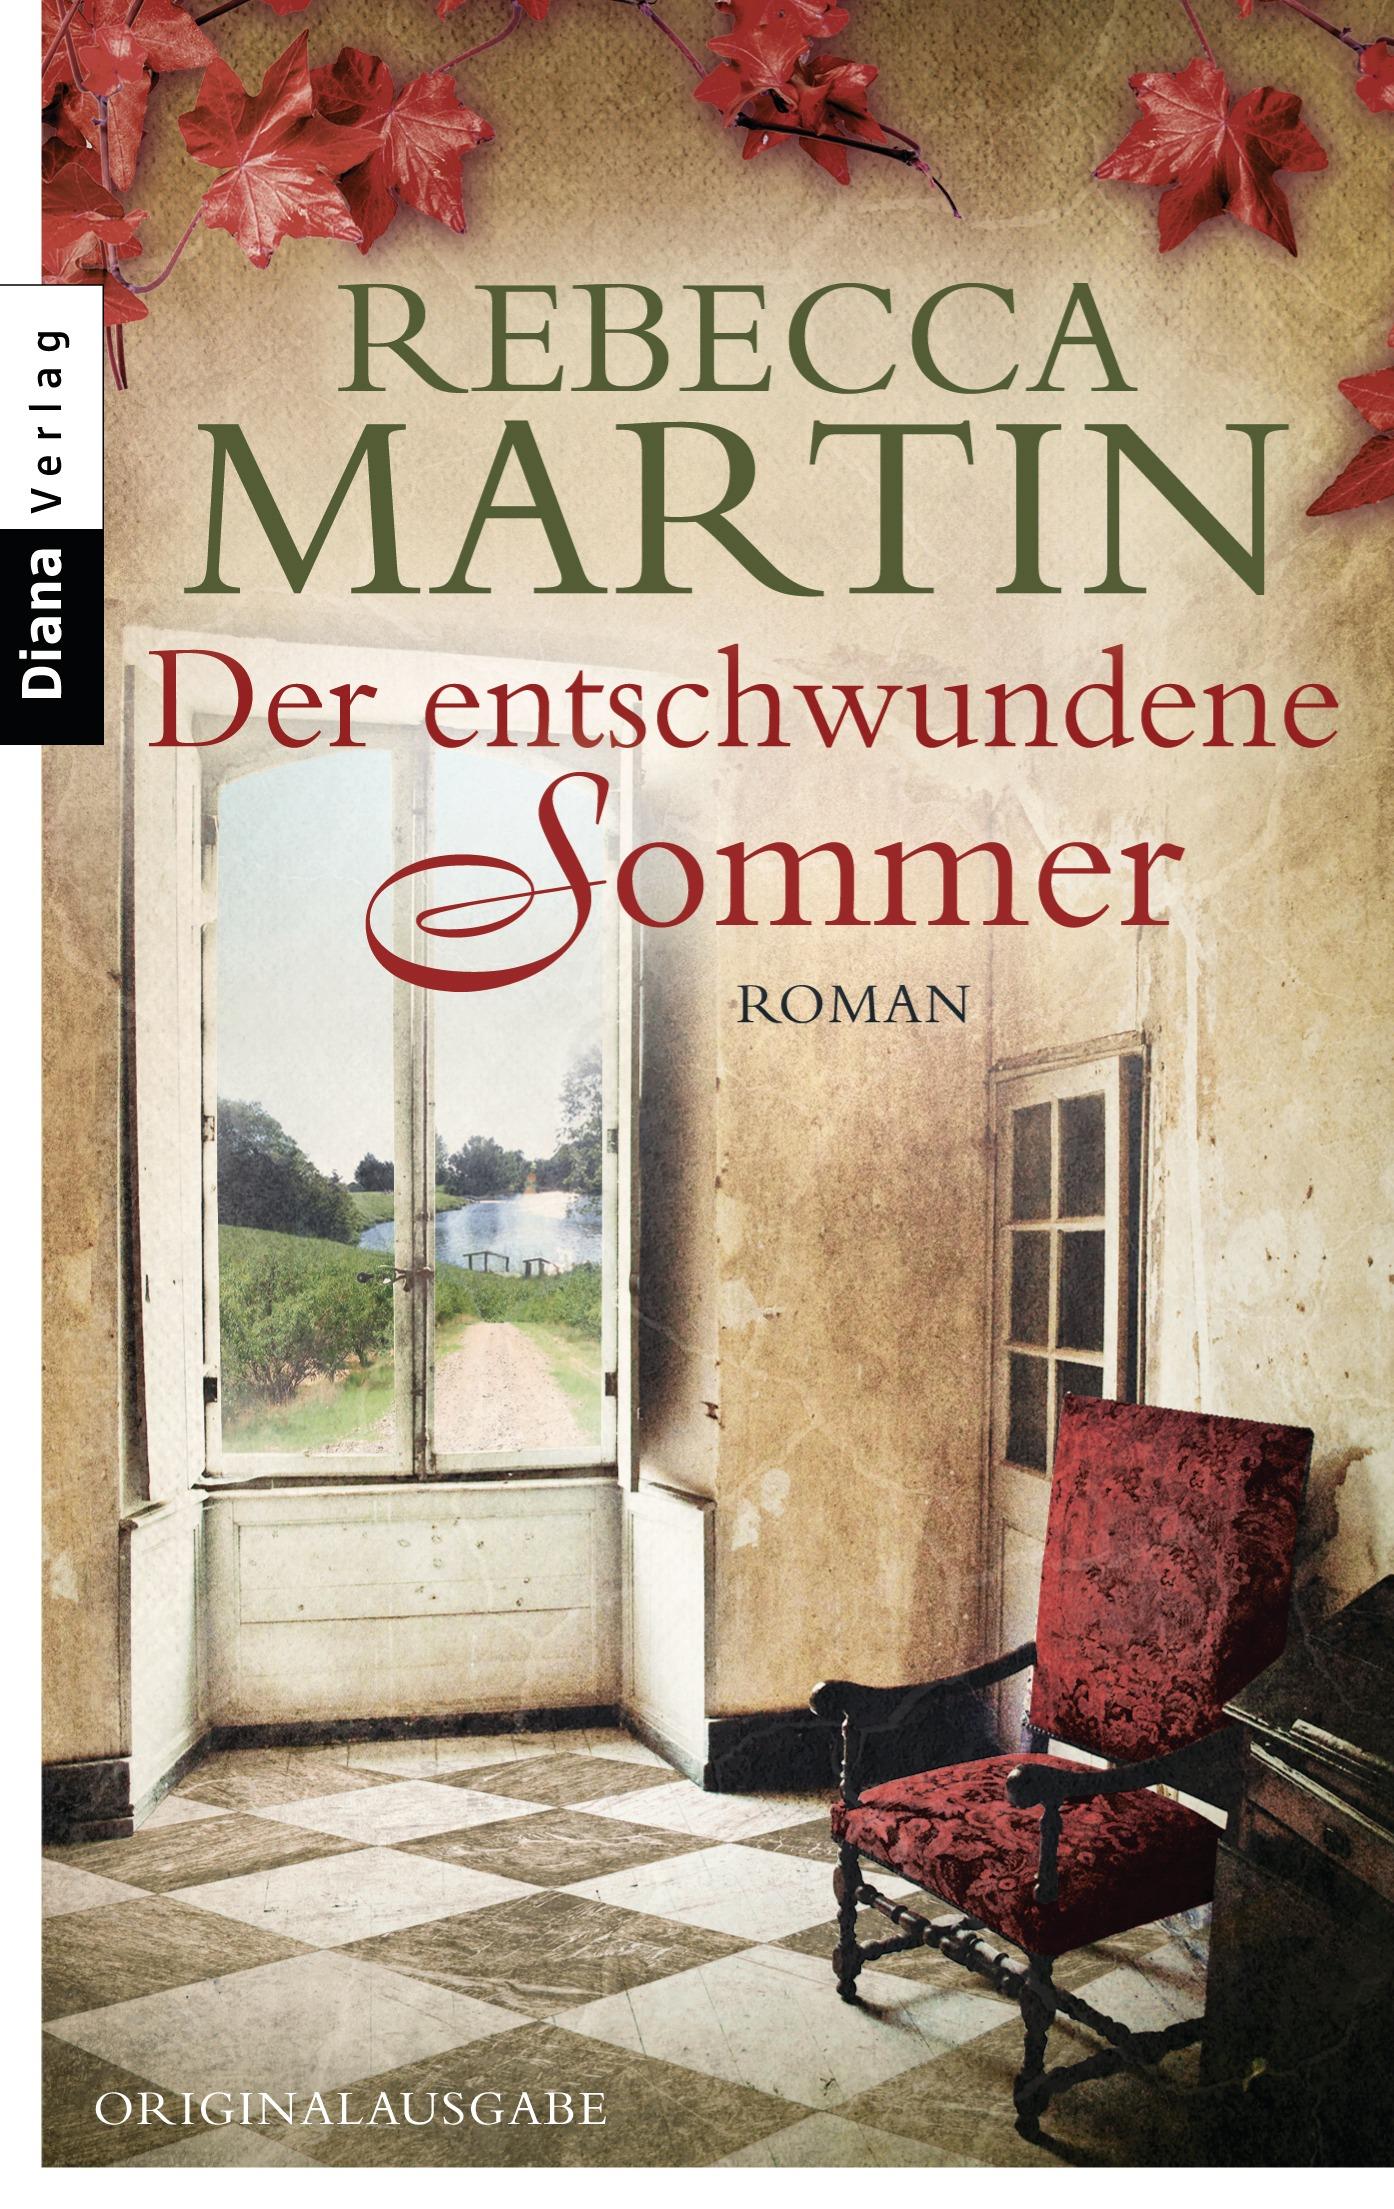 Der entschwundene Sommer Rebecca Martin 9783453357549